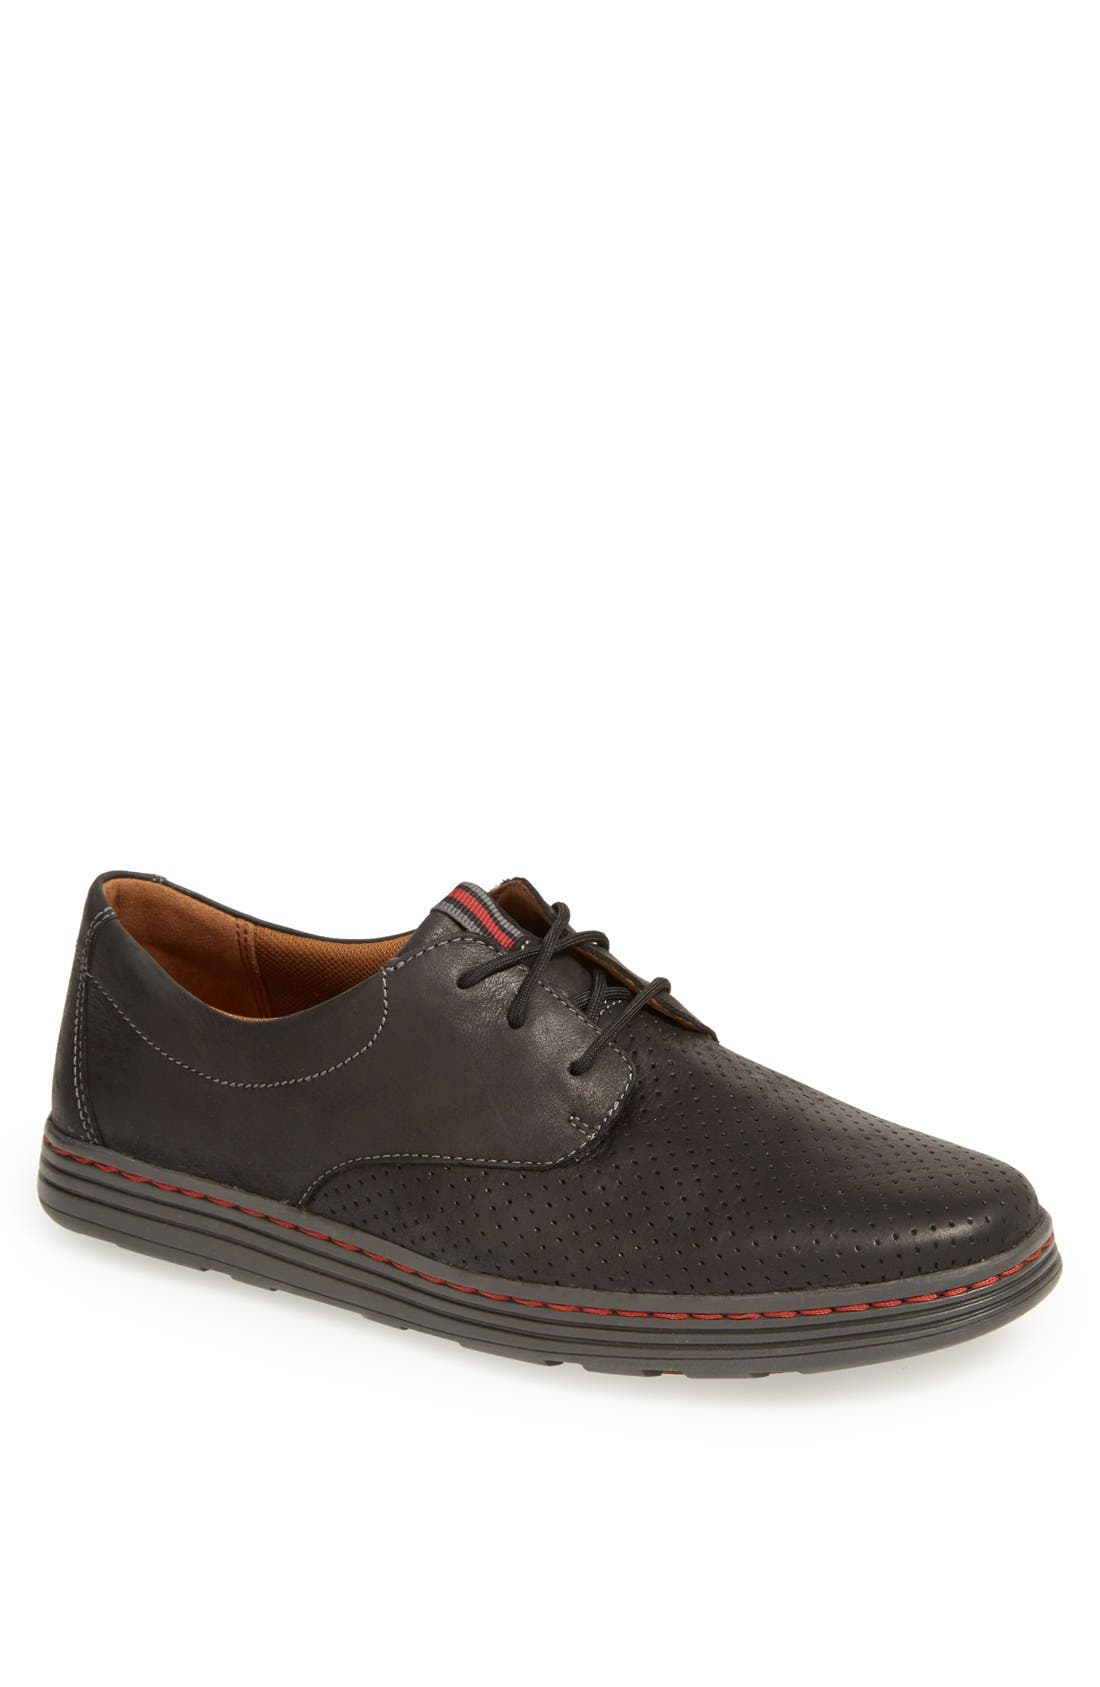 DUNHAM 'Camden' Sneaker, Main, color, 014